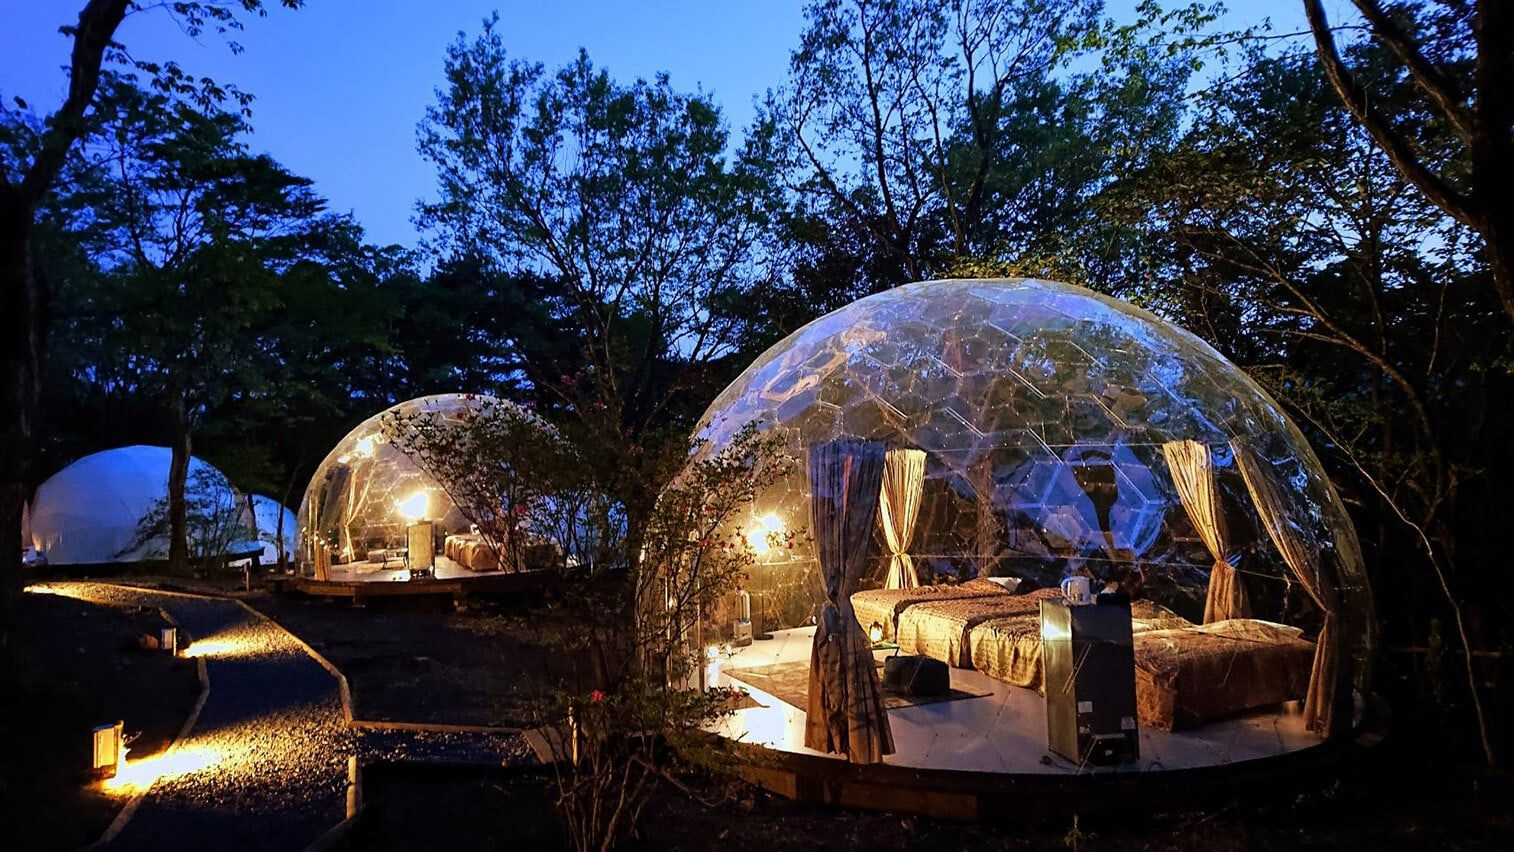 グランピング 那須高原towaピュアコテージ 那須ハイランドパークオフィシャルホテル グランピング コテージ テント